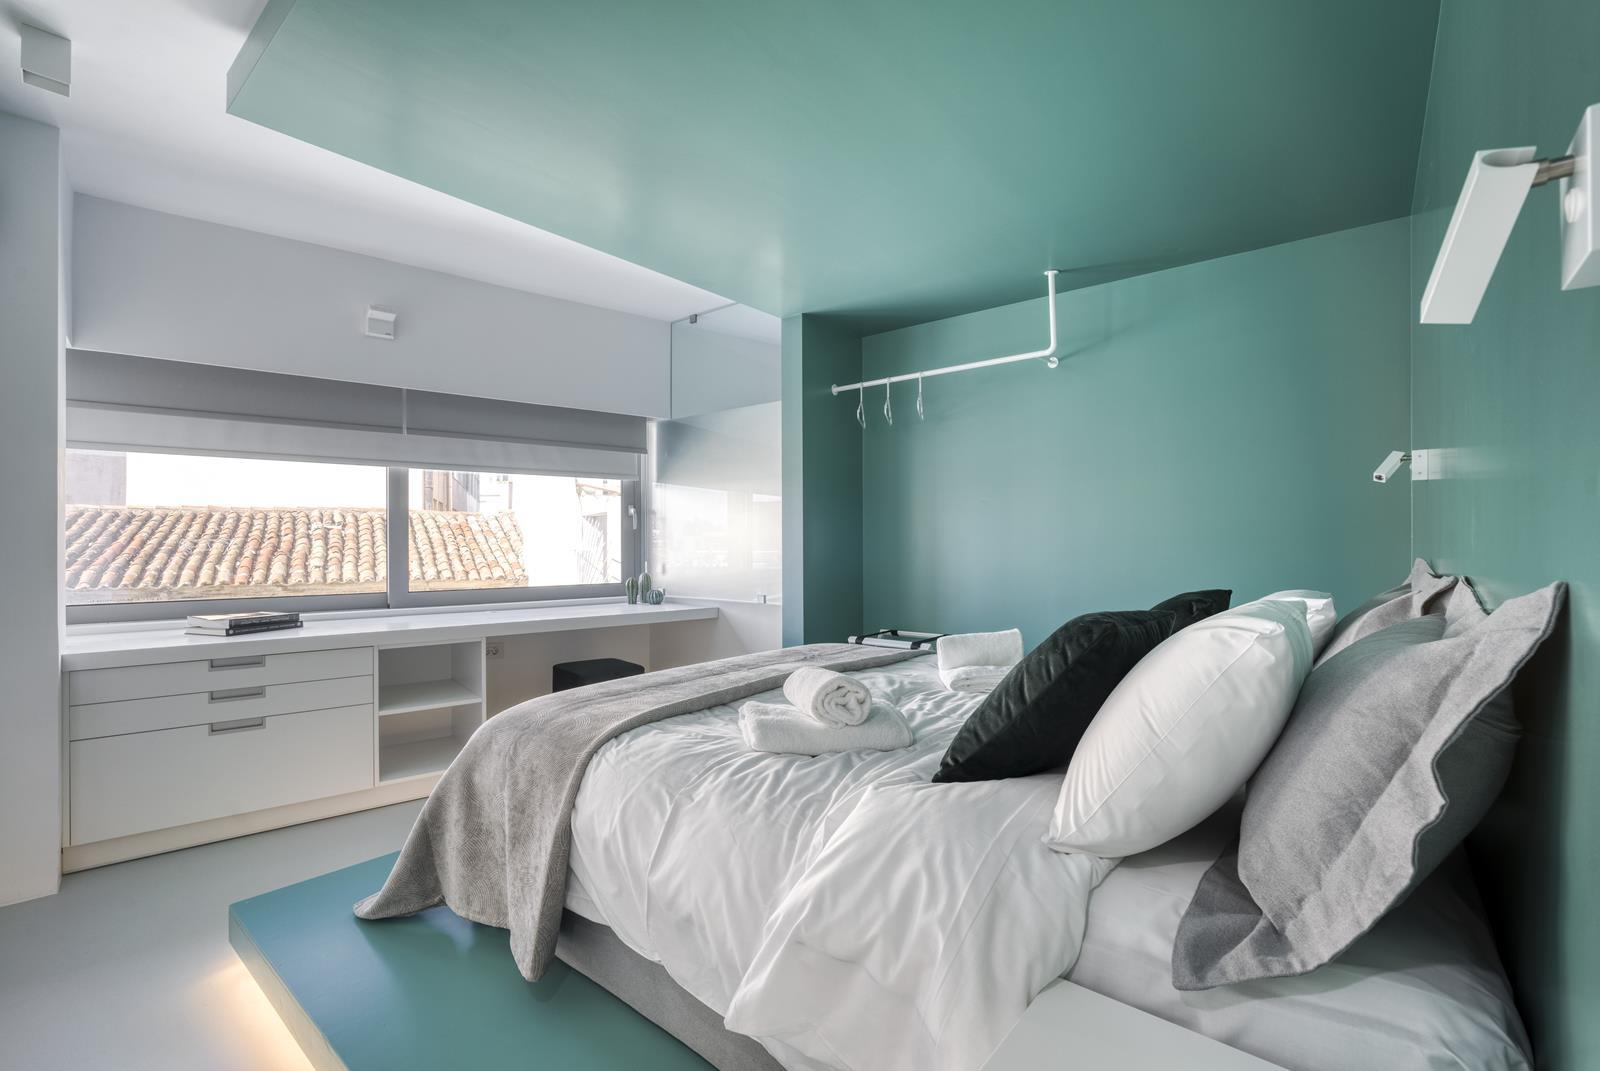 διαμερισματα αθηνα κεντρο - Athens Color Cube Luxury Apartments